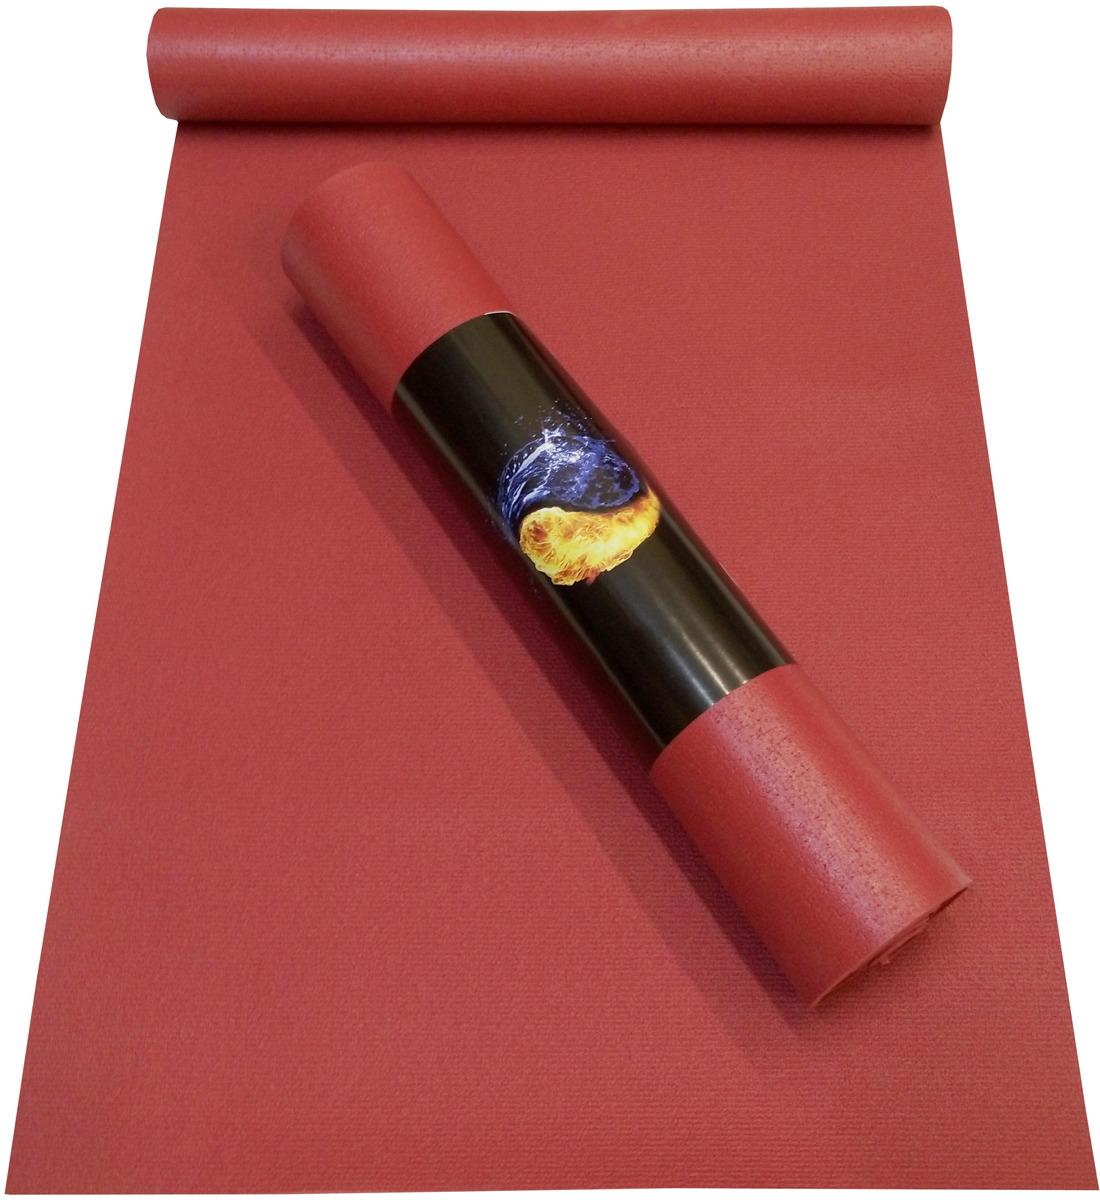 Коврик для йоги Ako-Yoga Yin-Yang Studio, цвет: бордо, 220 х 80 см8000728147737Что делать когда Вы хотите большего комфорта, а обычное уже не устраивает. Правильно - посмотреть на более широкий коврик для йоги Коврик для йоги Инь-Янь Студио шириной 80 см подойдет для самых требовательных к пространству. Его ширина позволит комфортно разместиться даже в самом тесном зале Ведь коврик для йоги - это Ваша территория! Материал из которого изготовлен данный коврик для йоги - полностью гиппераллергенен + произведен в Германии.